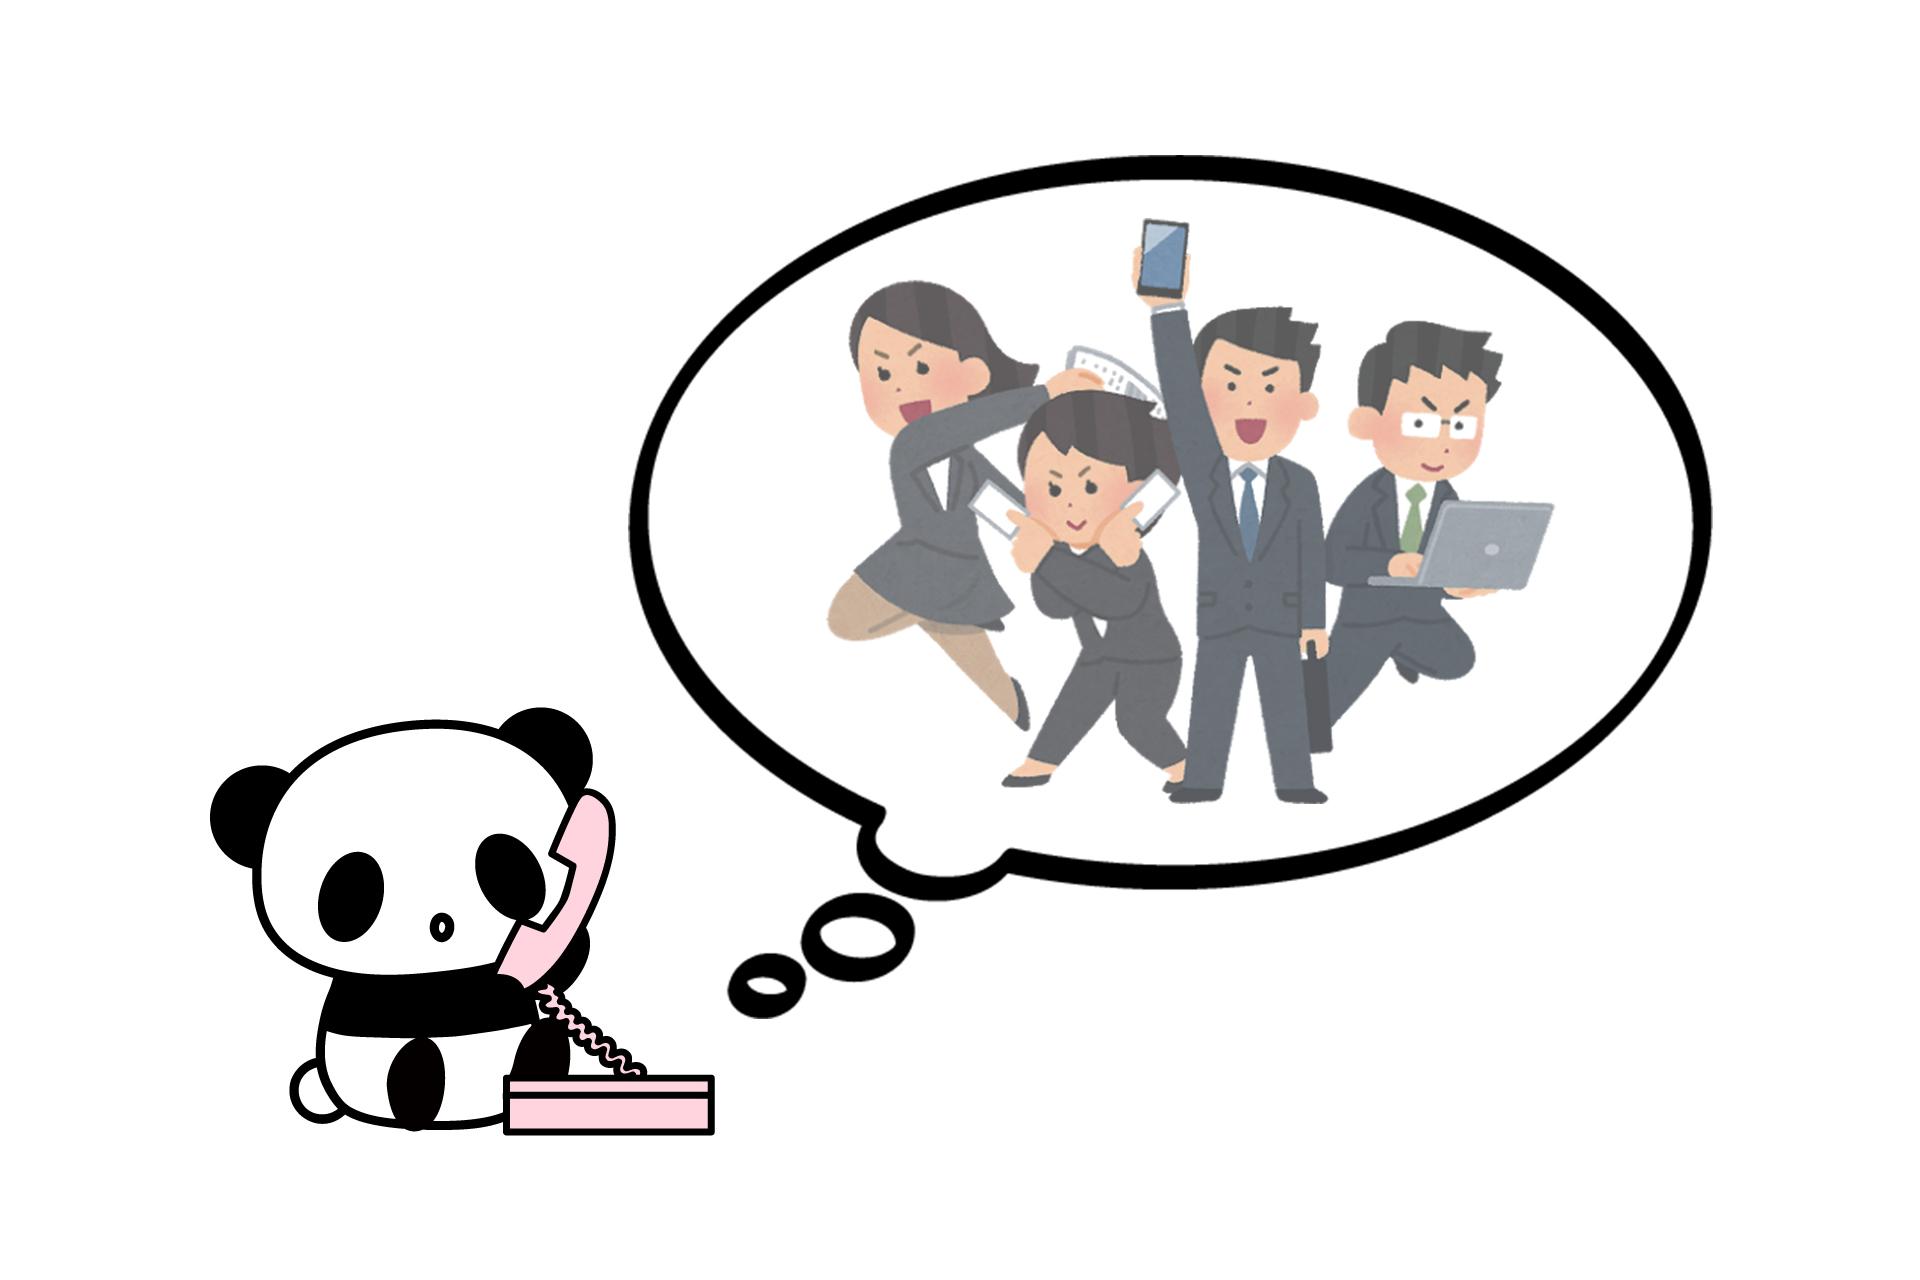 メイン画像(【不動産投資】物件探しを不動産会社に任せるべき3つの理由`)